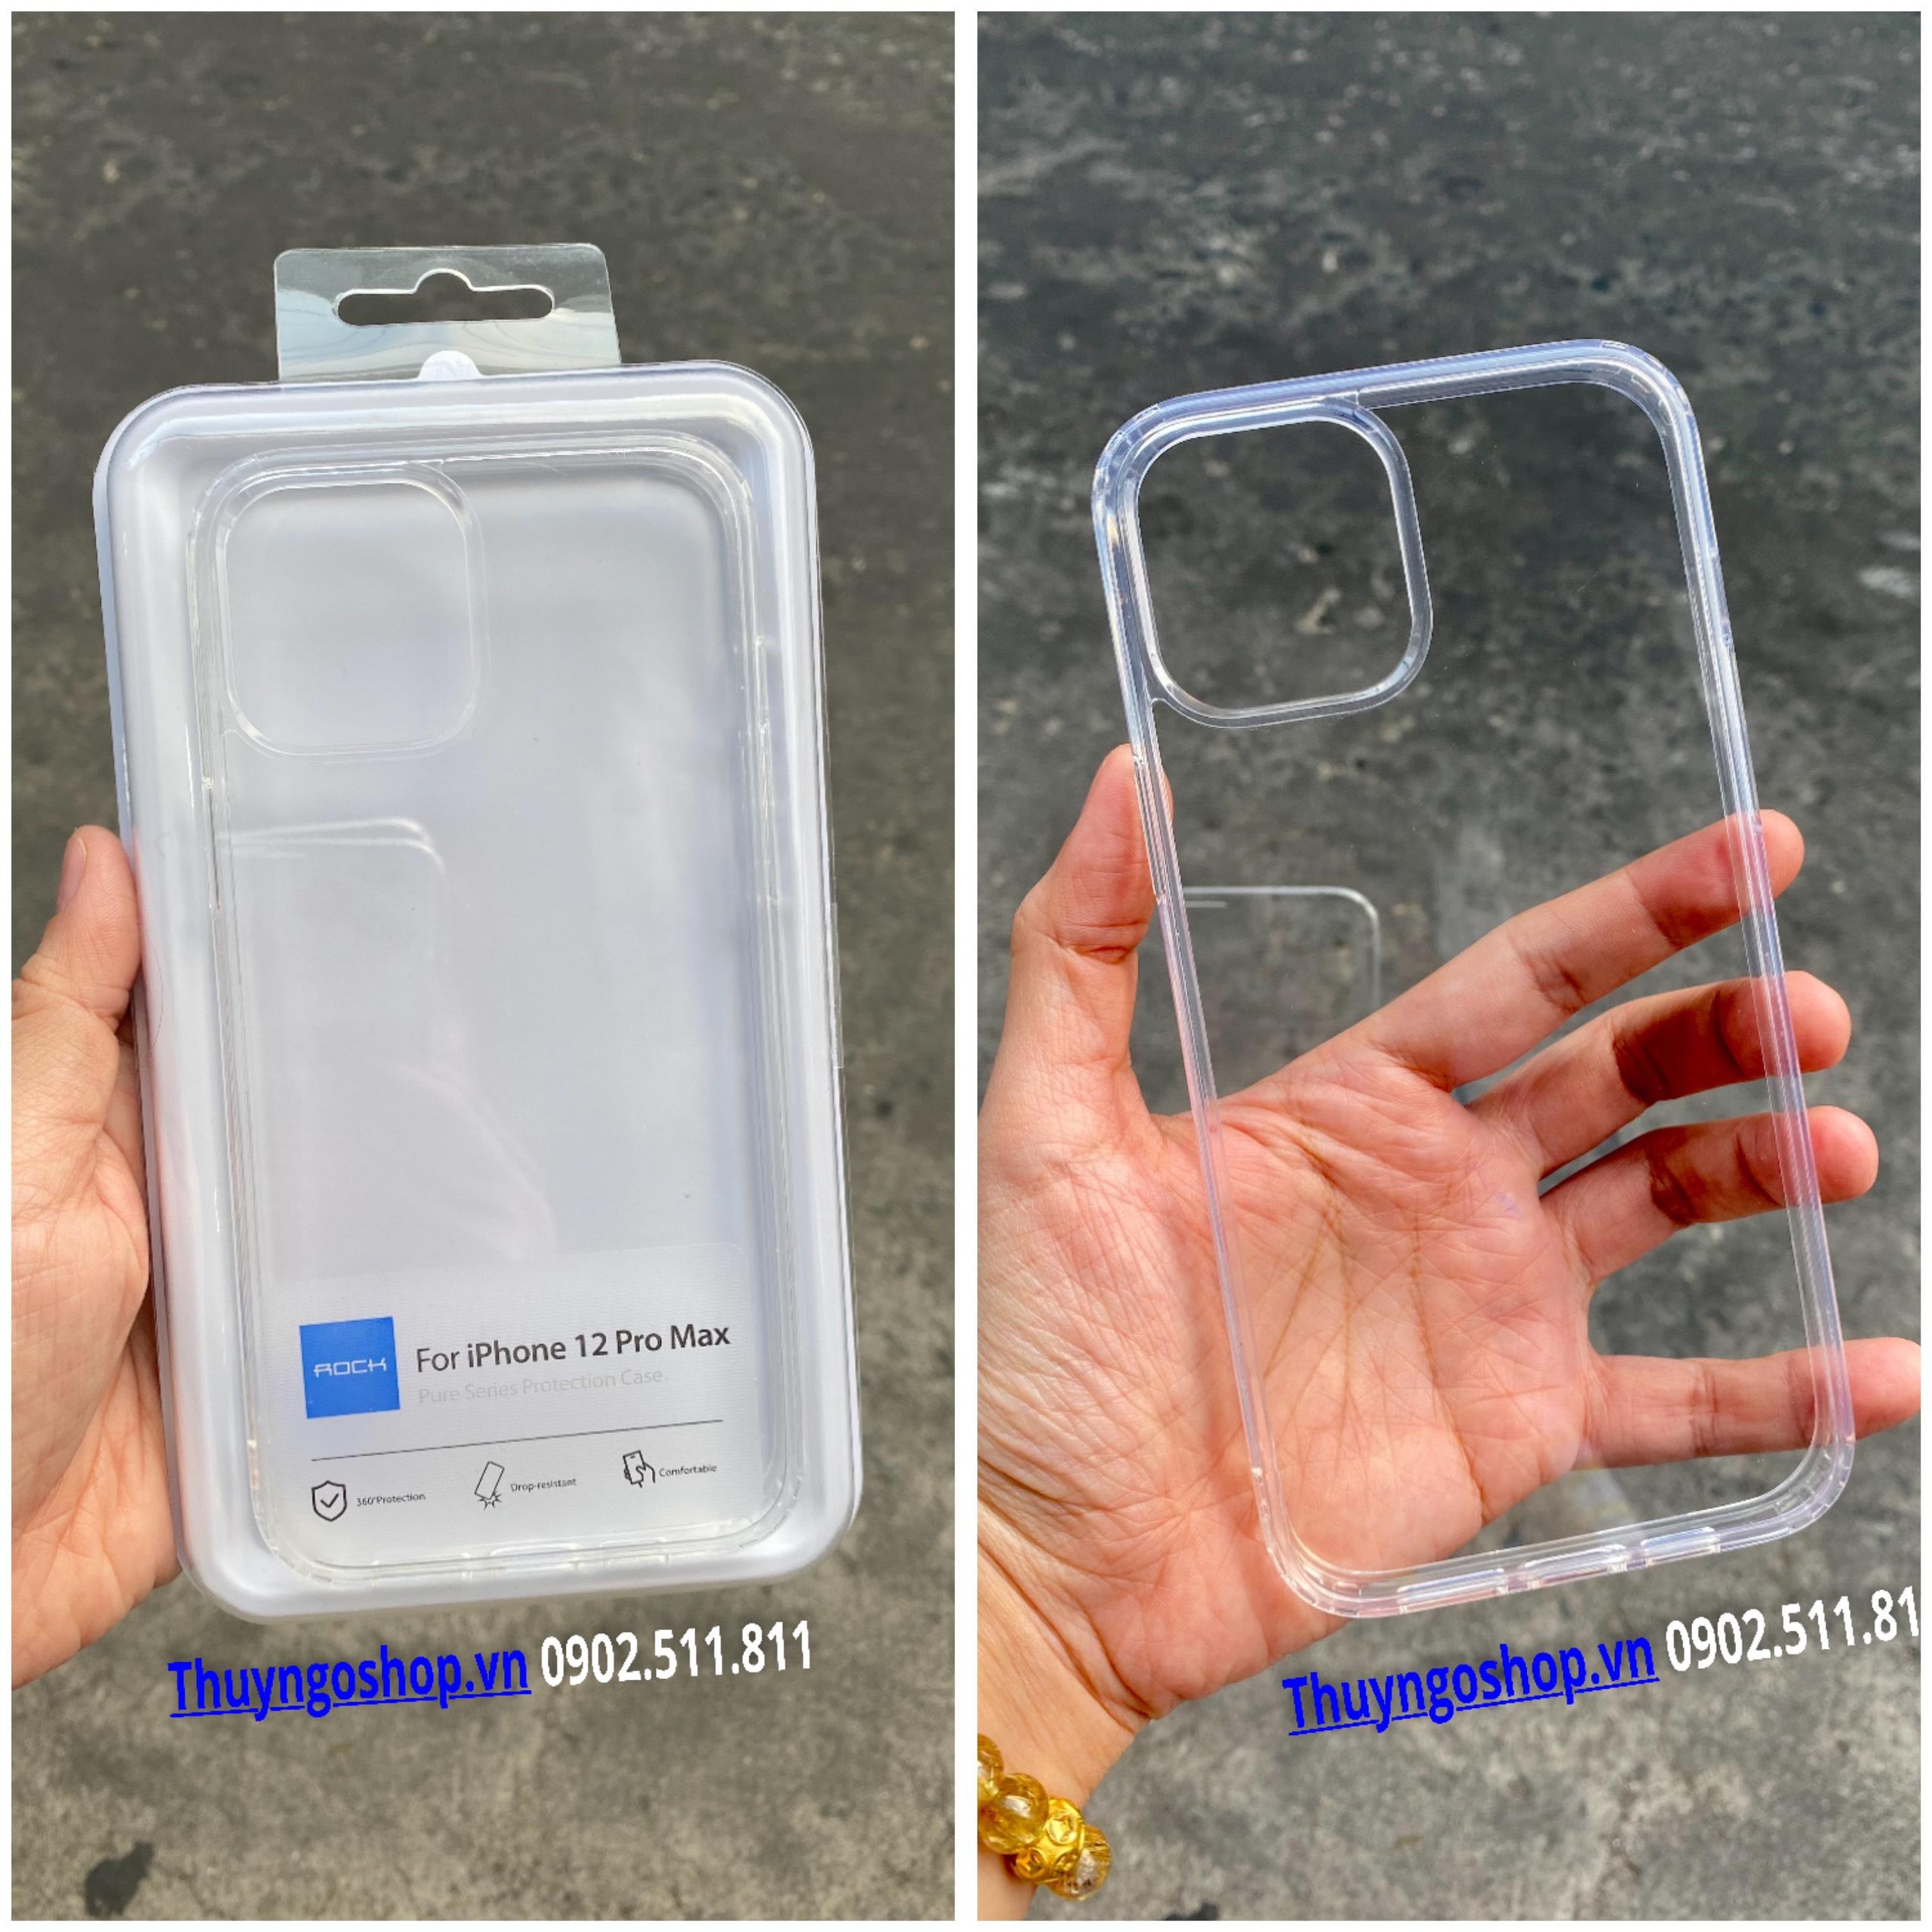 Ốp chống sốc chính hãng ROCK Iphone 12 Pro Max